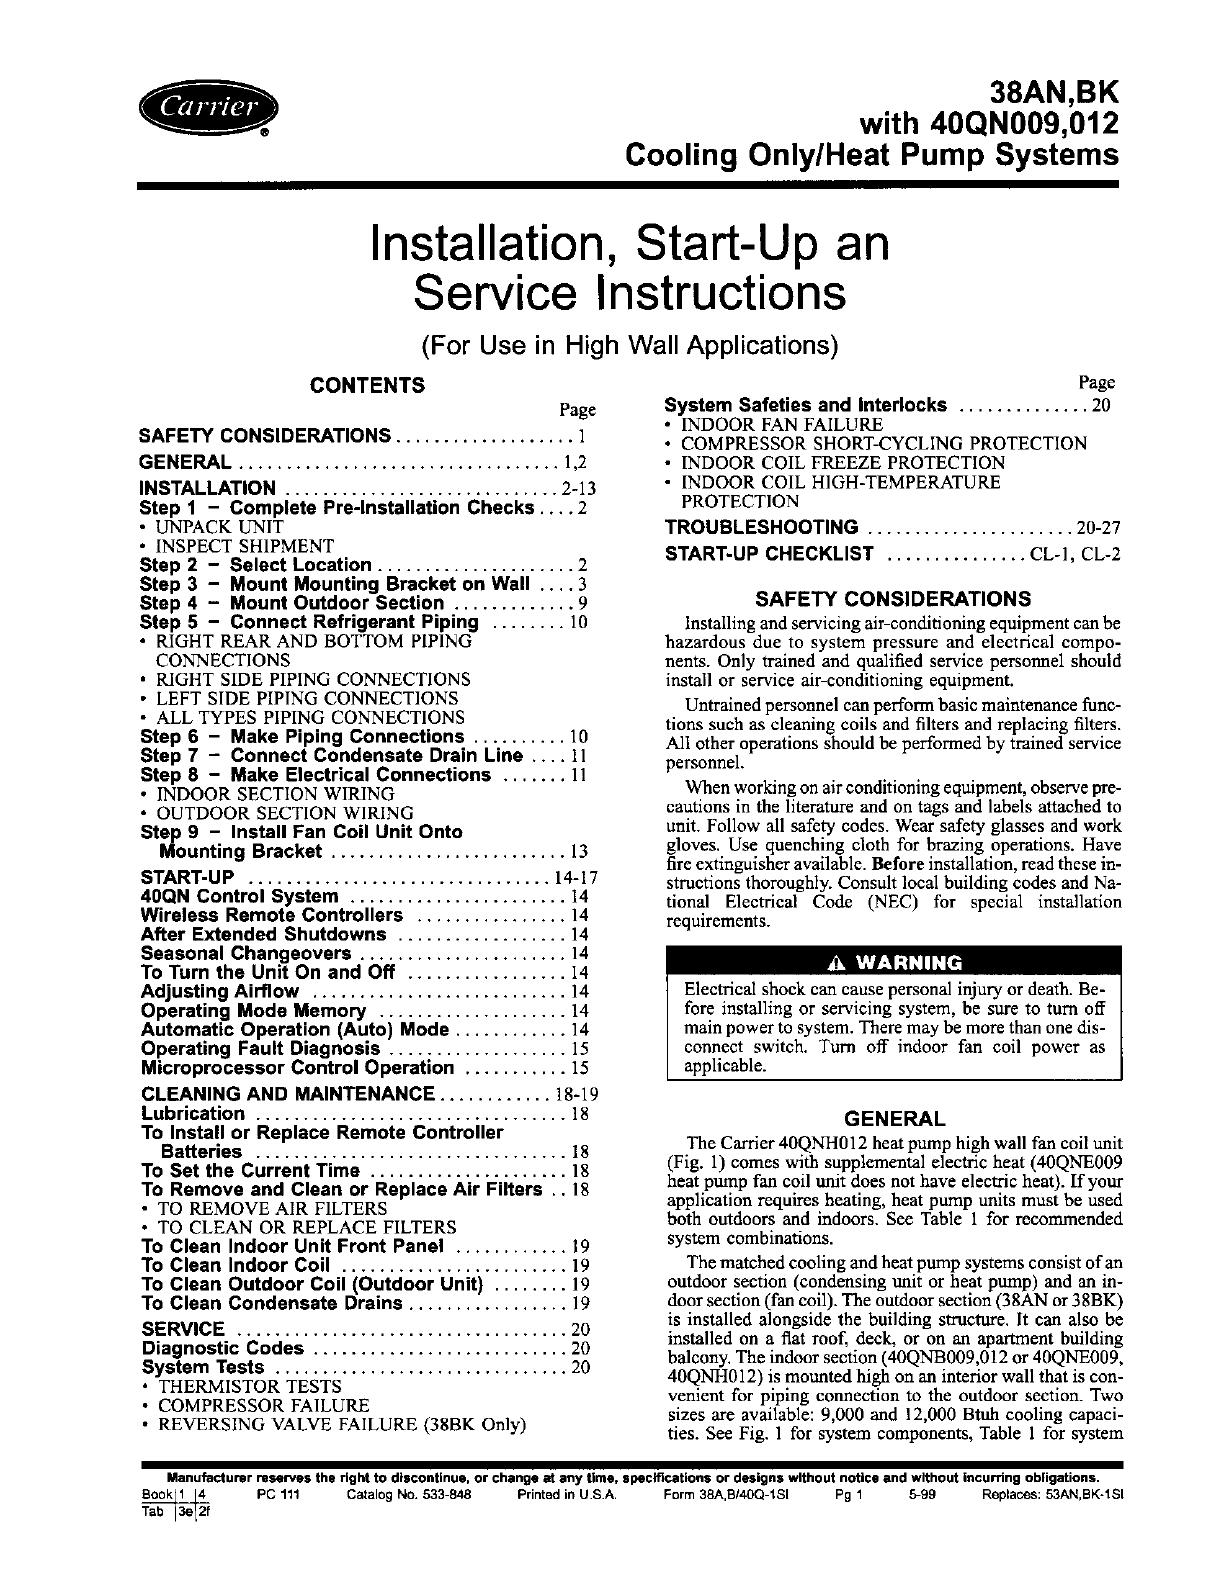 carrier heat pump 38an bk user guide manualsonline com carrier heat pump manual defrost carrier heat pump operation manual